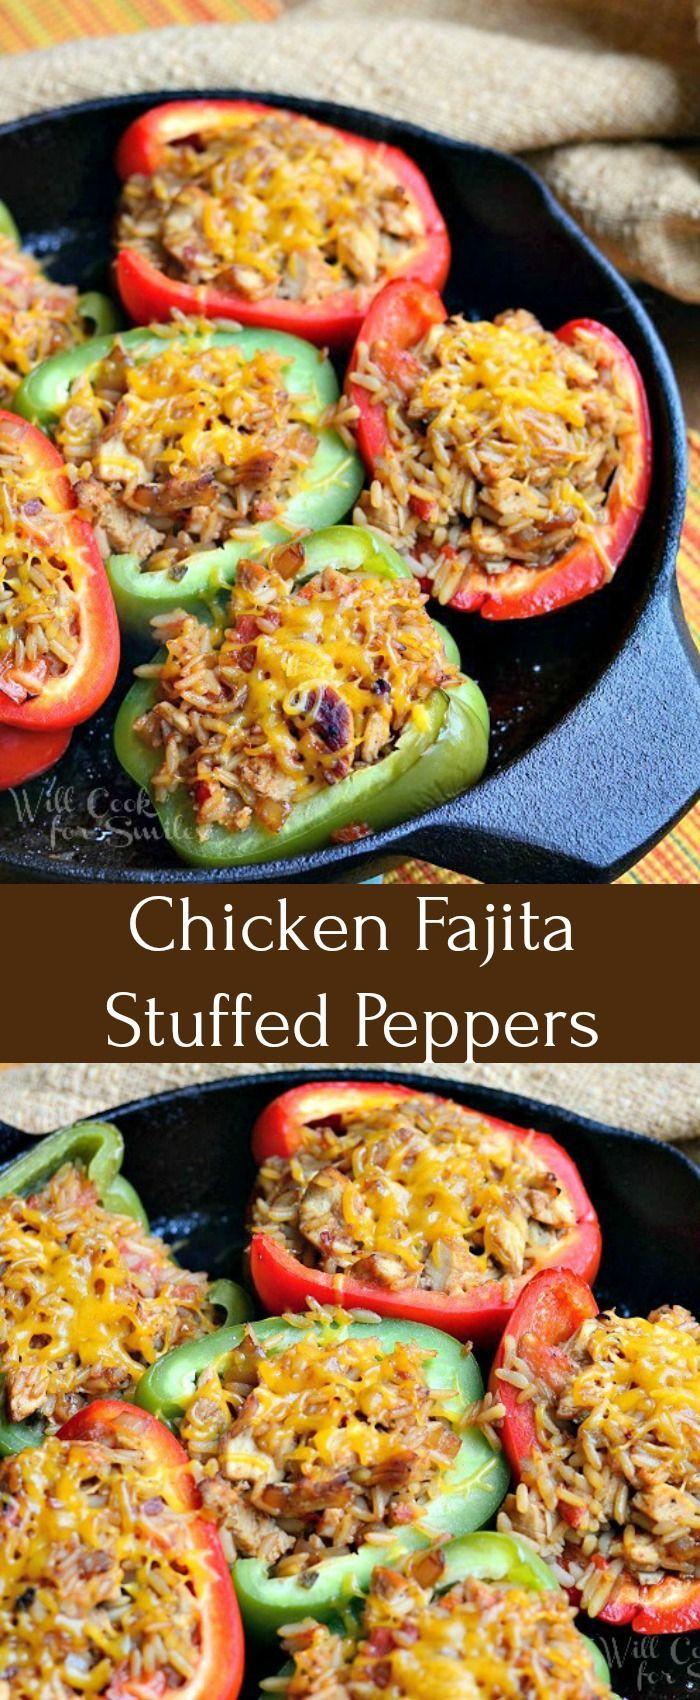 Chicken Fajita Stuffed Peppers Greenpeppers Chicken Fajita Stuffed Peppers Recipe Delicious Dinner Made Stuffed Peppers Peppers Recipes Green Pepper Recipes